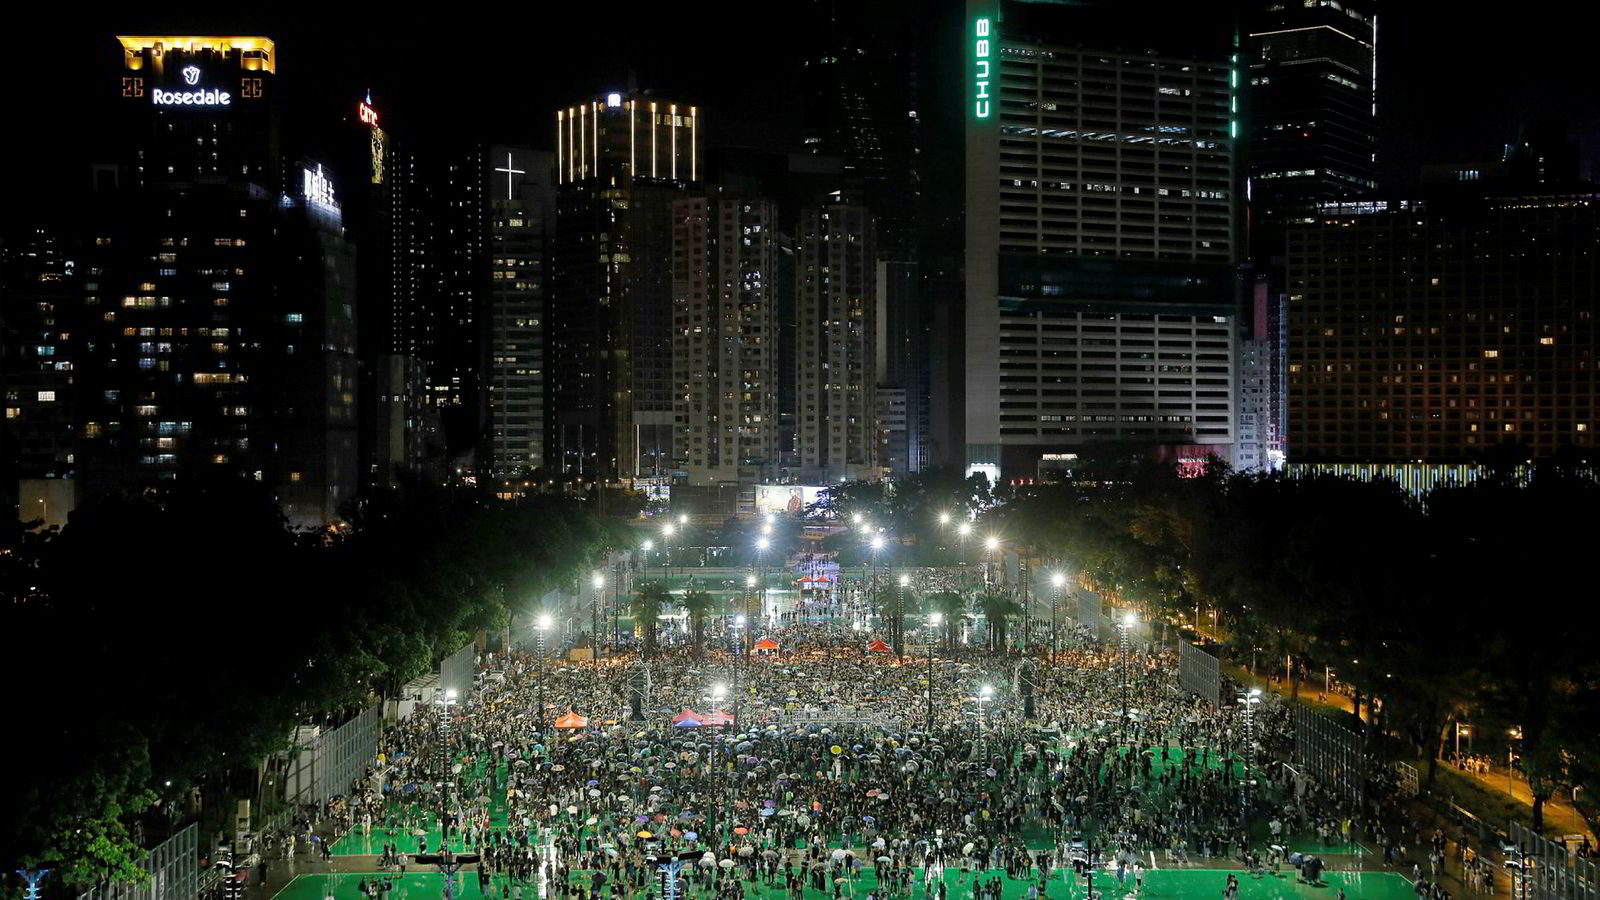 Demonstrasjon i Victoria Park i Hongkong søndag. Ifølge arrangøren var det 1,7 millioner mennesker på plass.